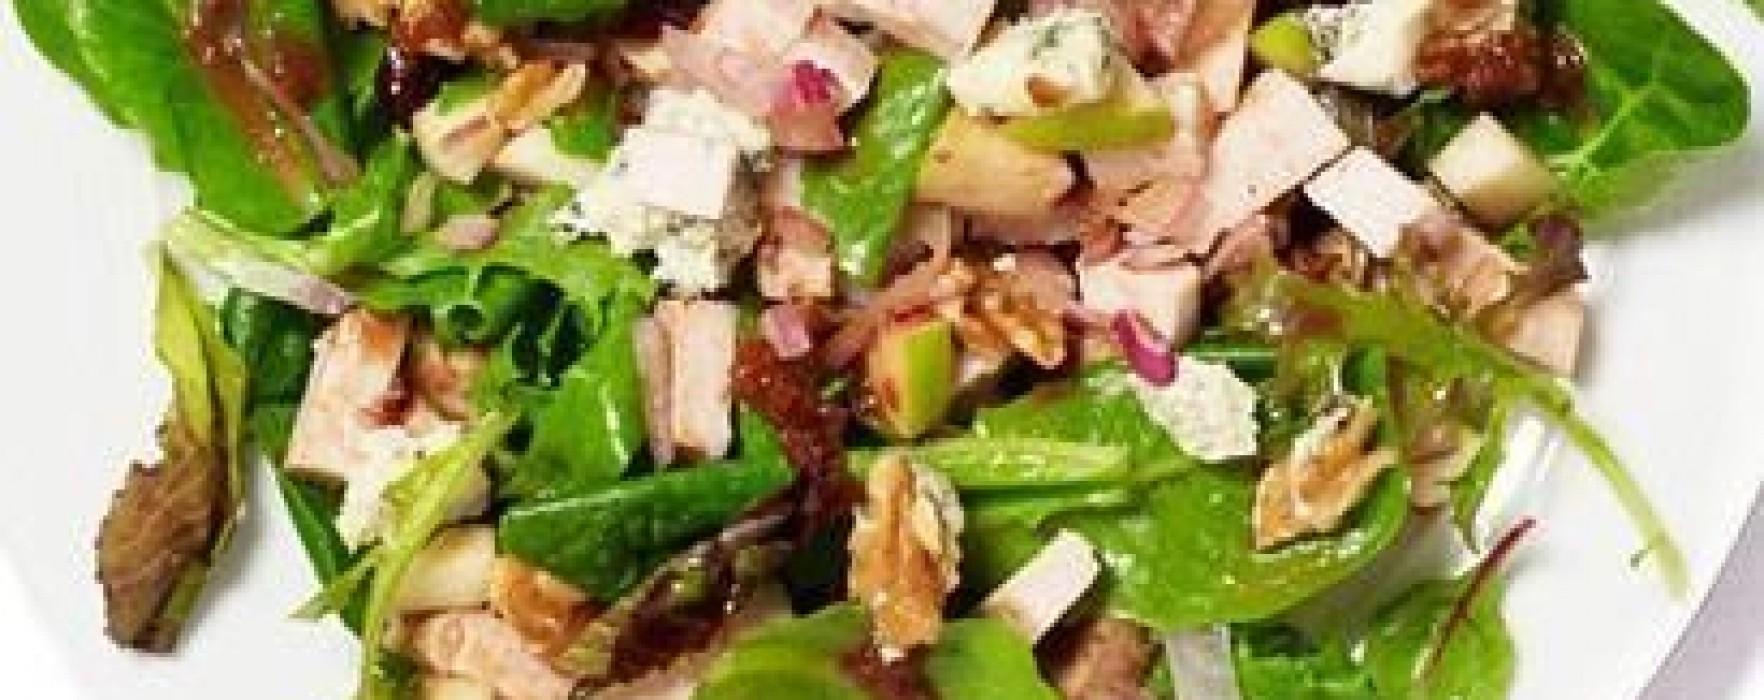 Citeşte cu poftă! – Salata cu mere şi spanac